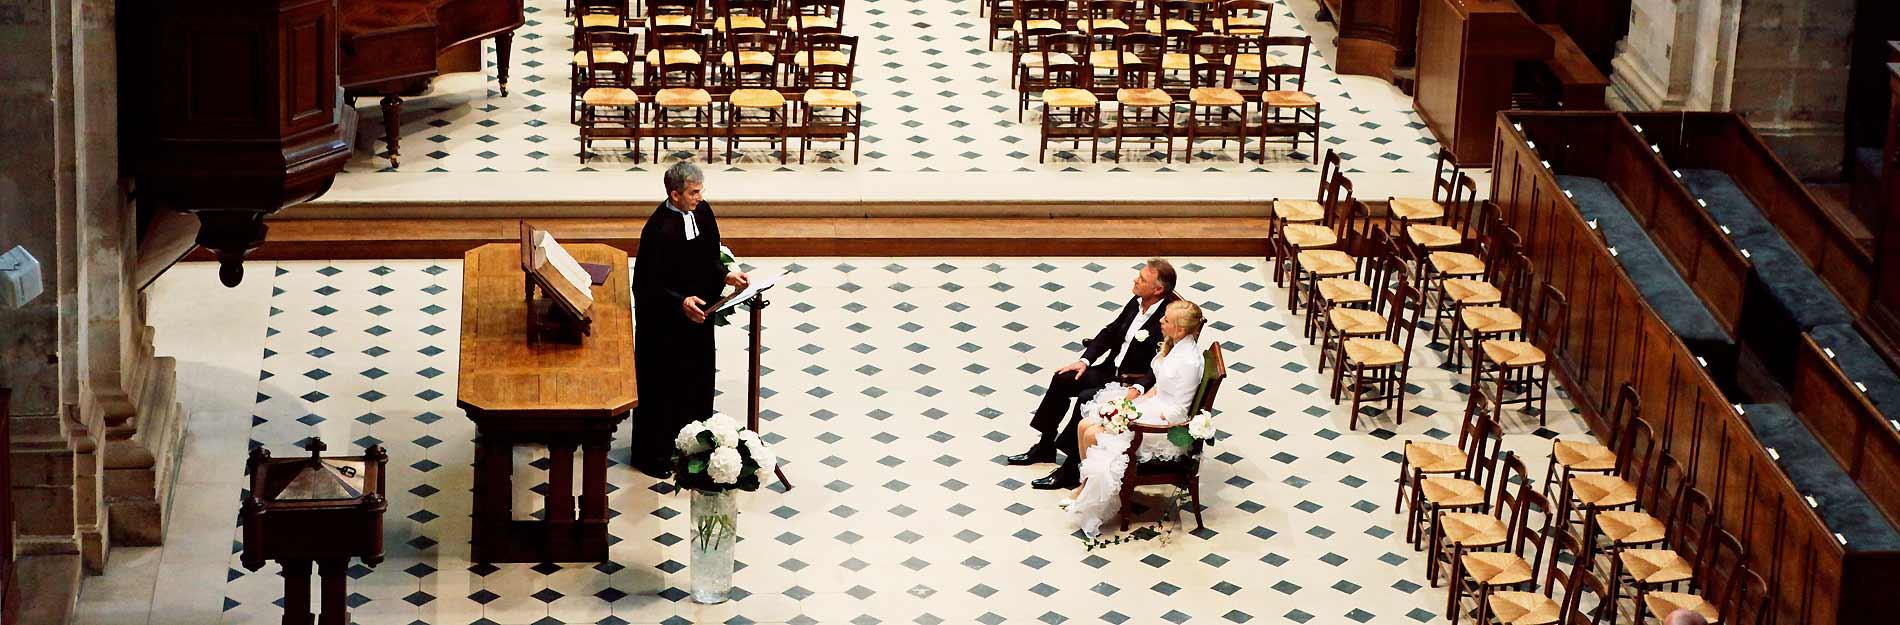 Photos mariage Oratoire du Louvre Paris